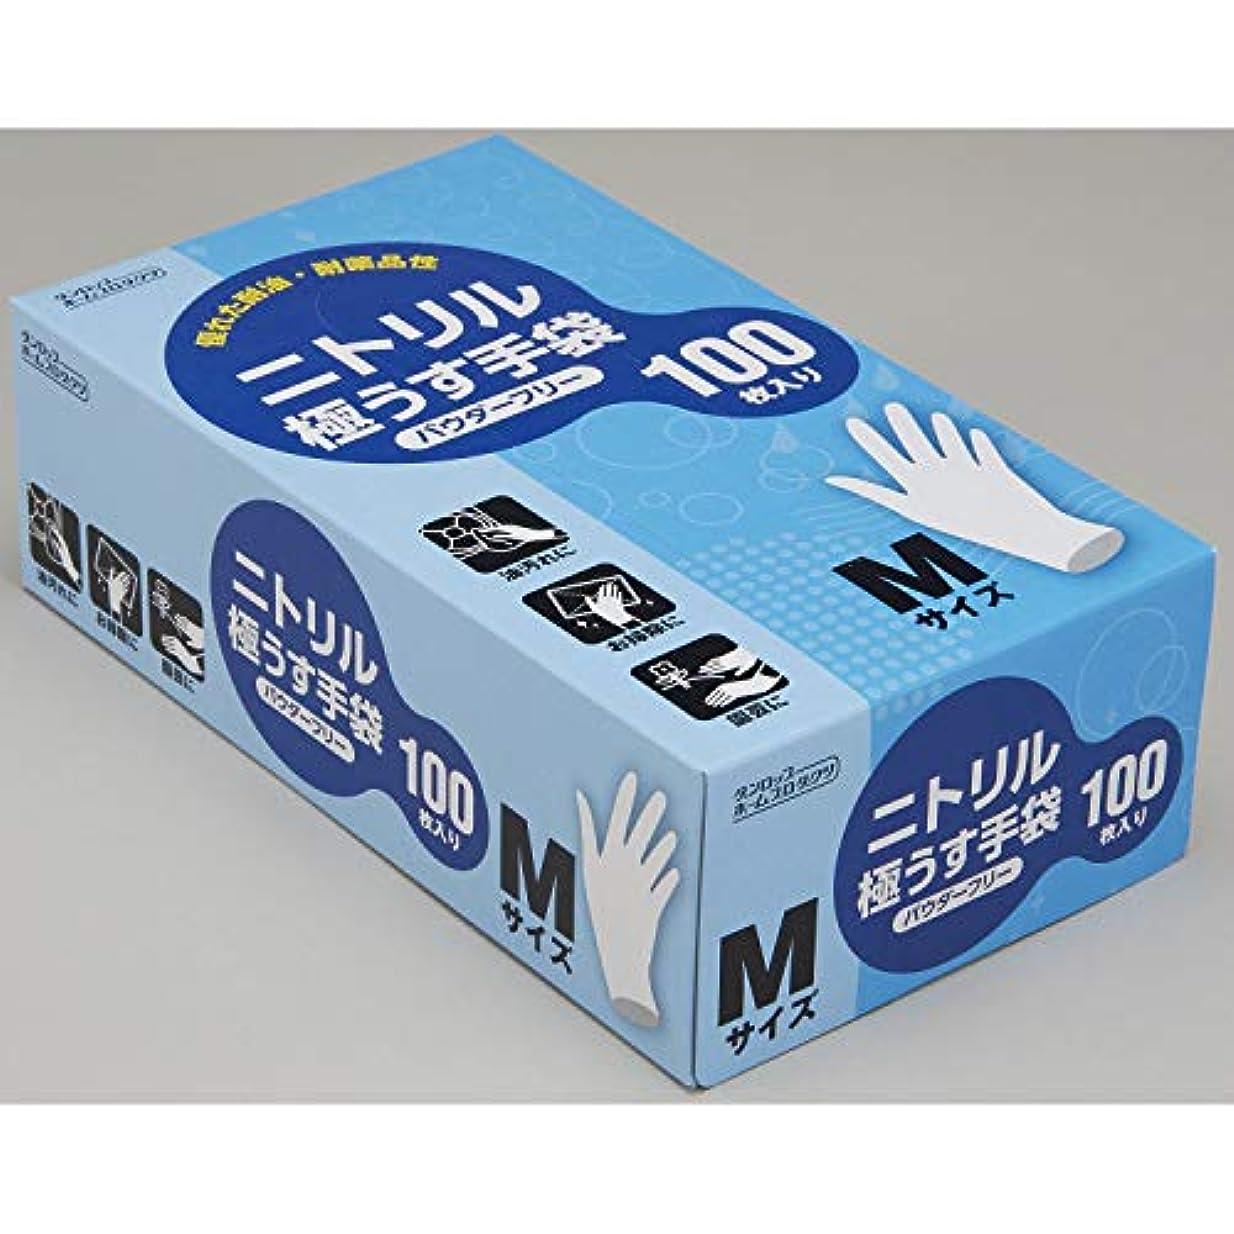 自宅で選挙プロテスタントダンロップ 二トリル極うす手袋 パウダーフリー Mサイズ 100枚入 ×20個